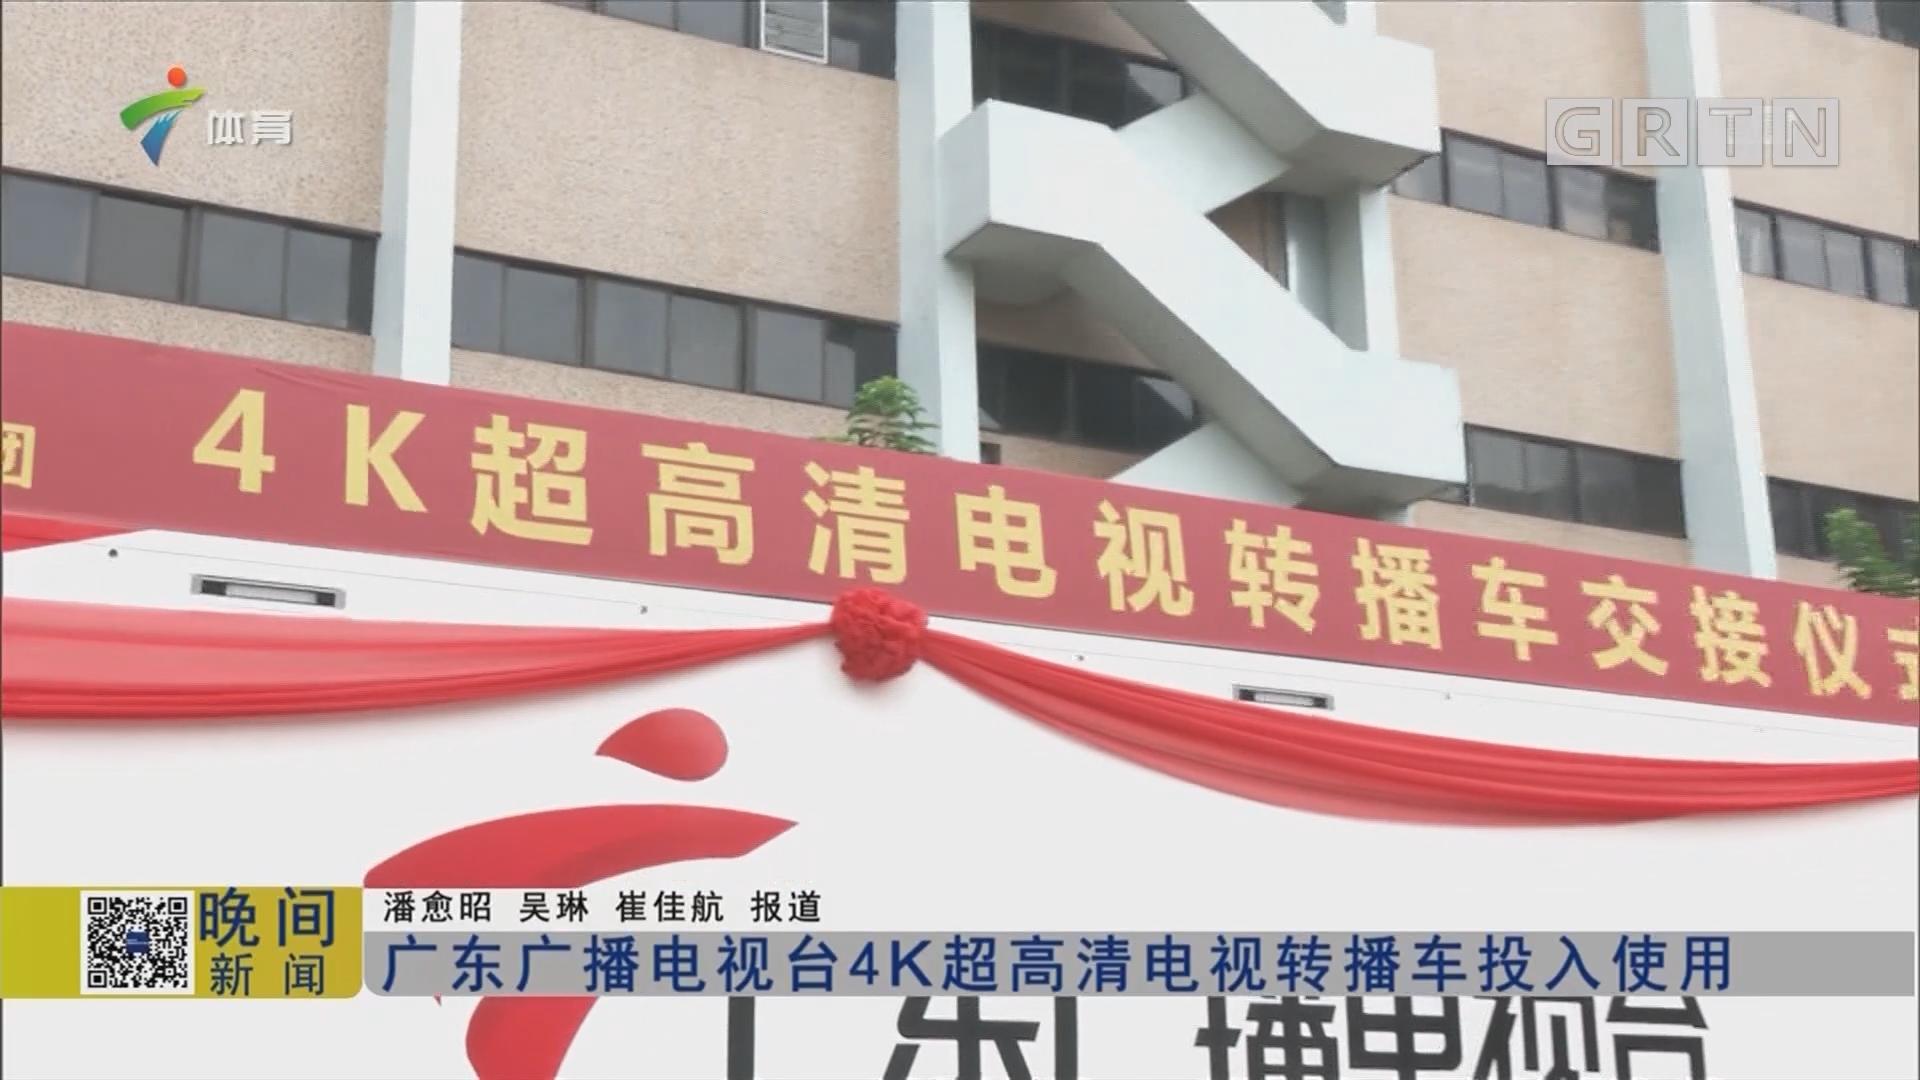 广东广播电视台4K超高清电视转播车投入使用